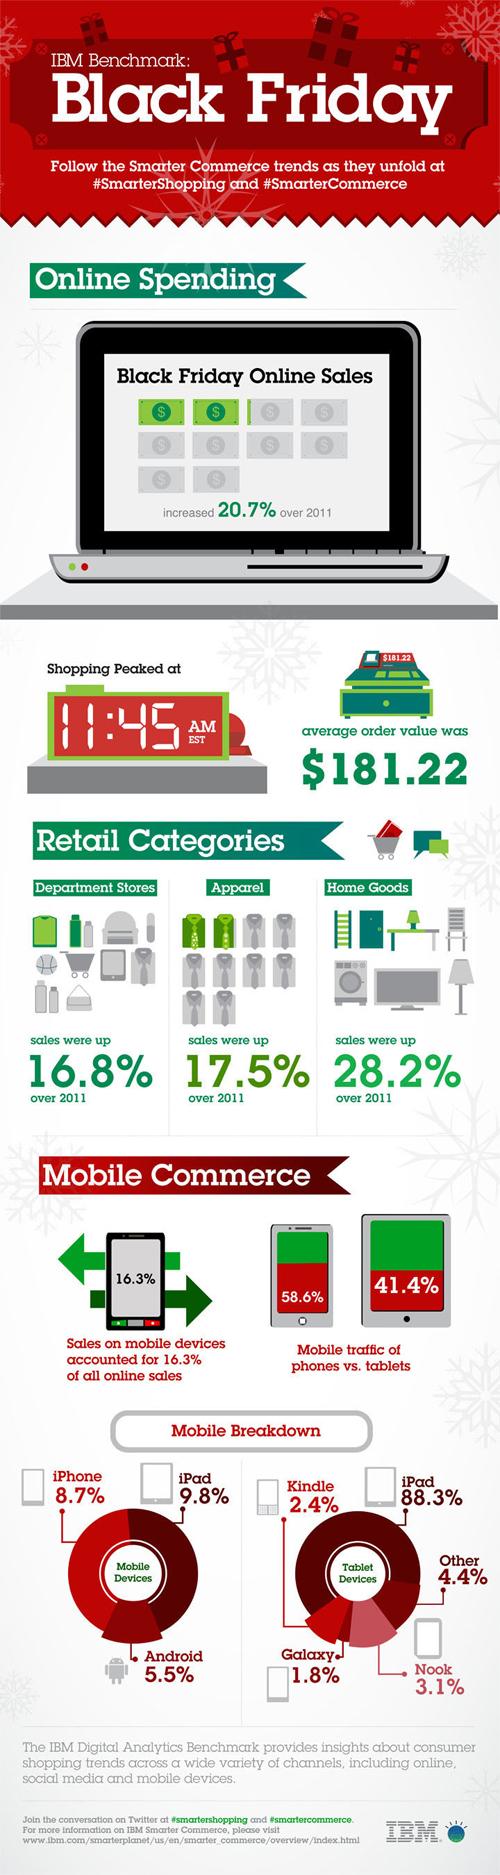 Смартфоны и планшеты сгенерировали 16% цифровых продаж Черной пятницы